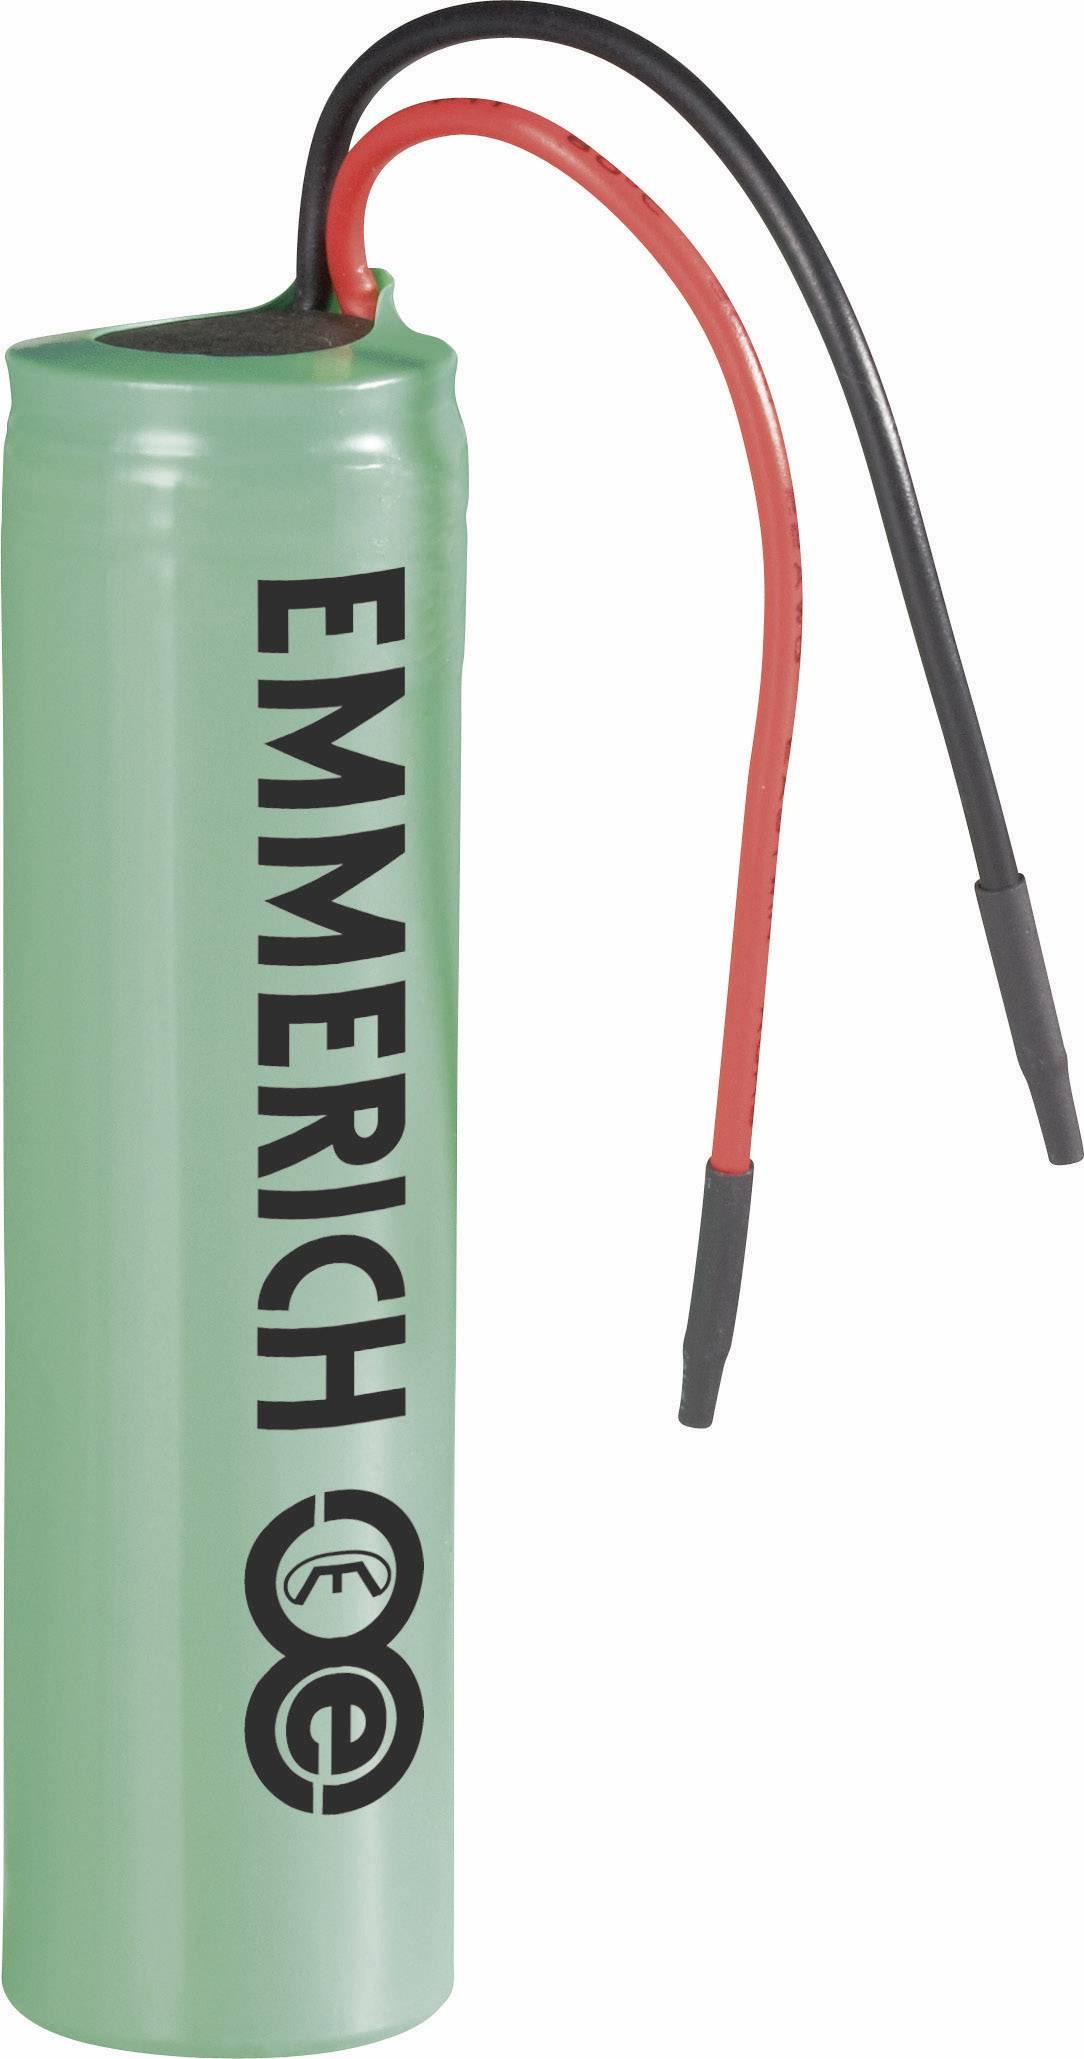 Špeciálny akumulátor Emmerich NCR18650A, 18650, Li-Ion akumulátor, 3.6 V, 3100 mAh